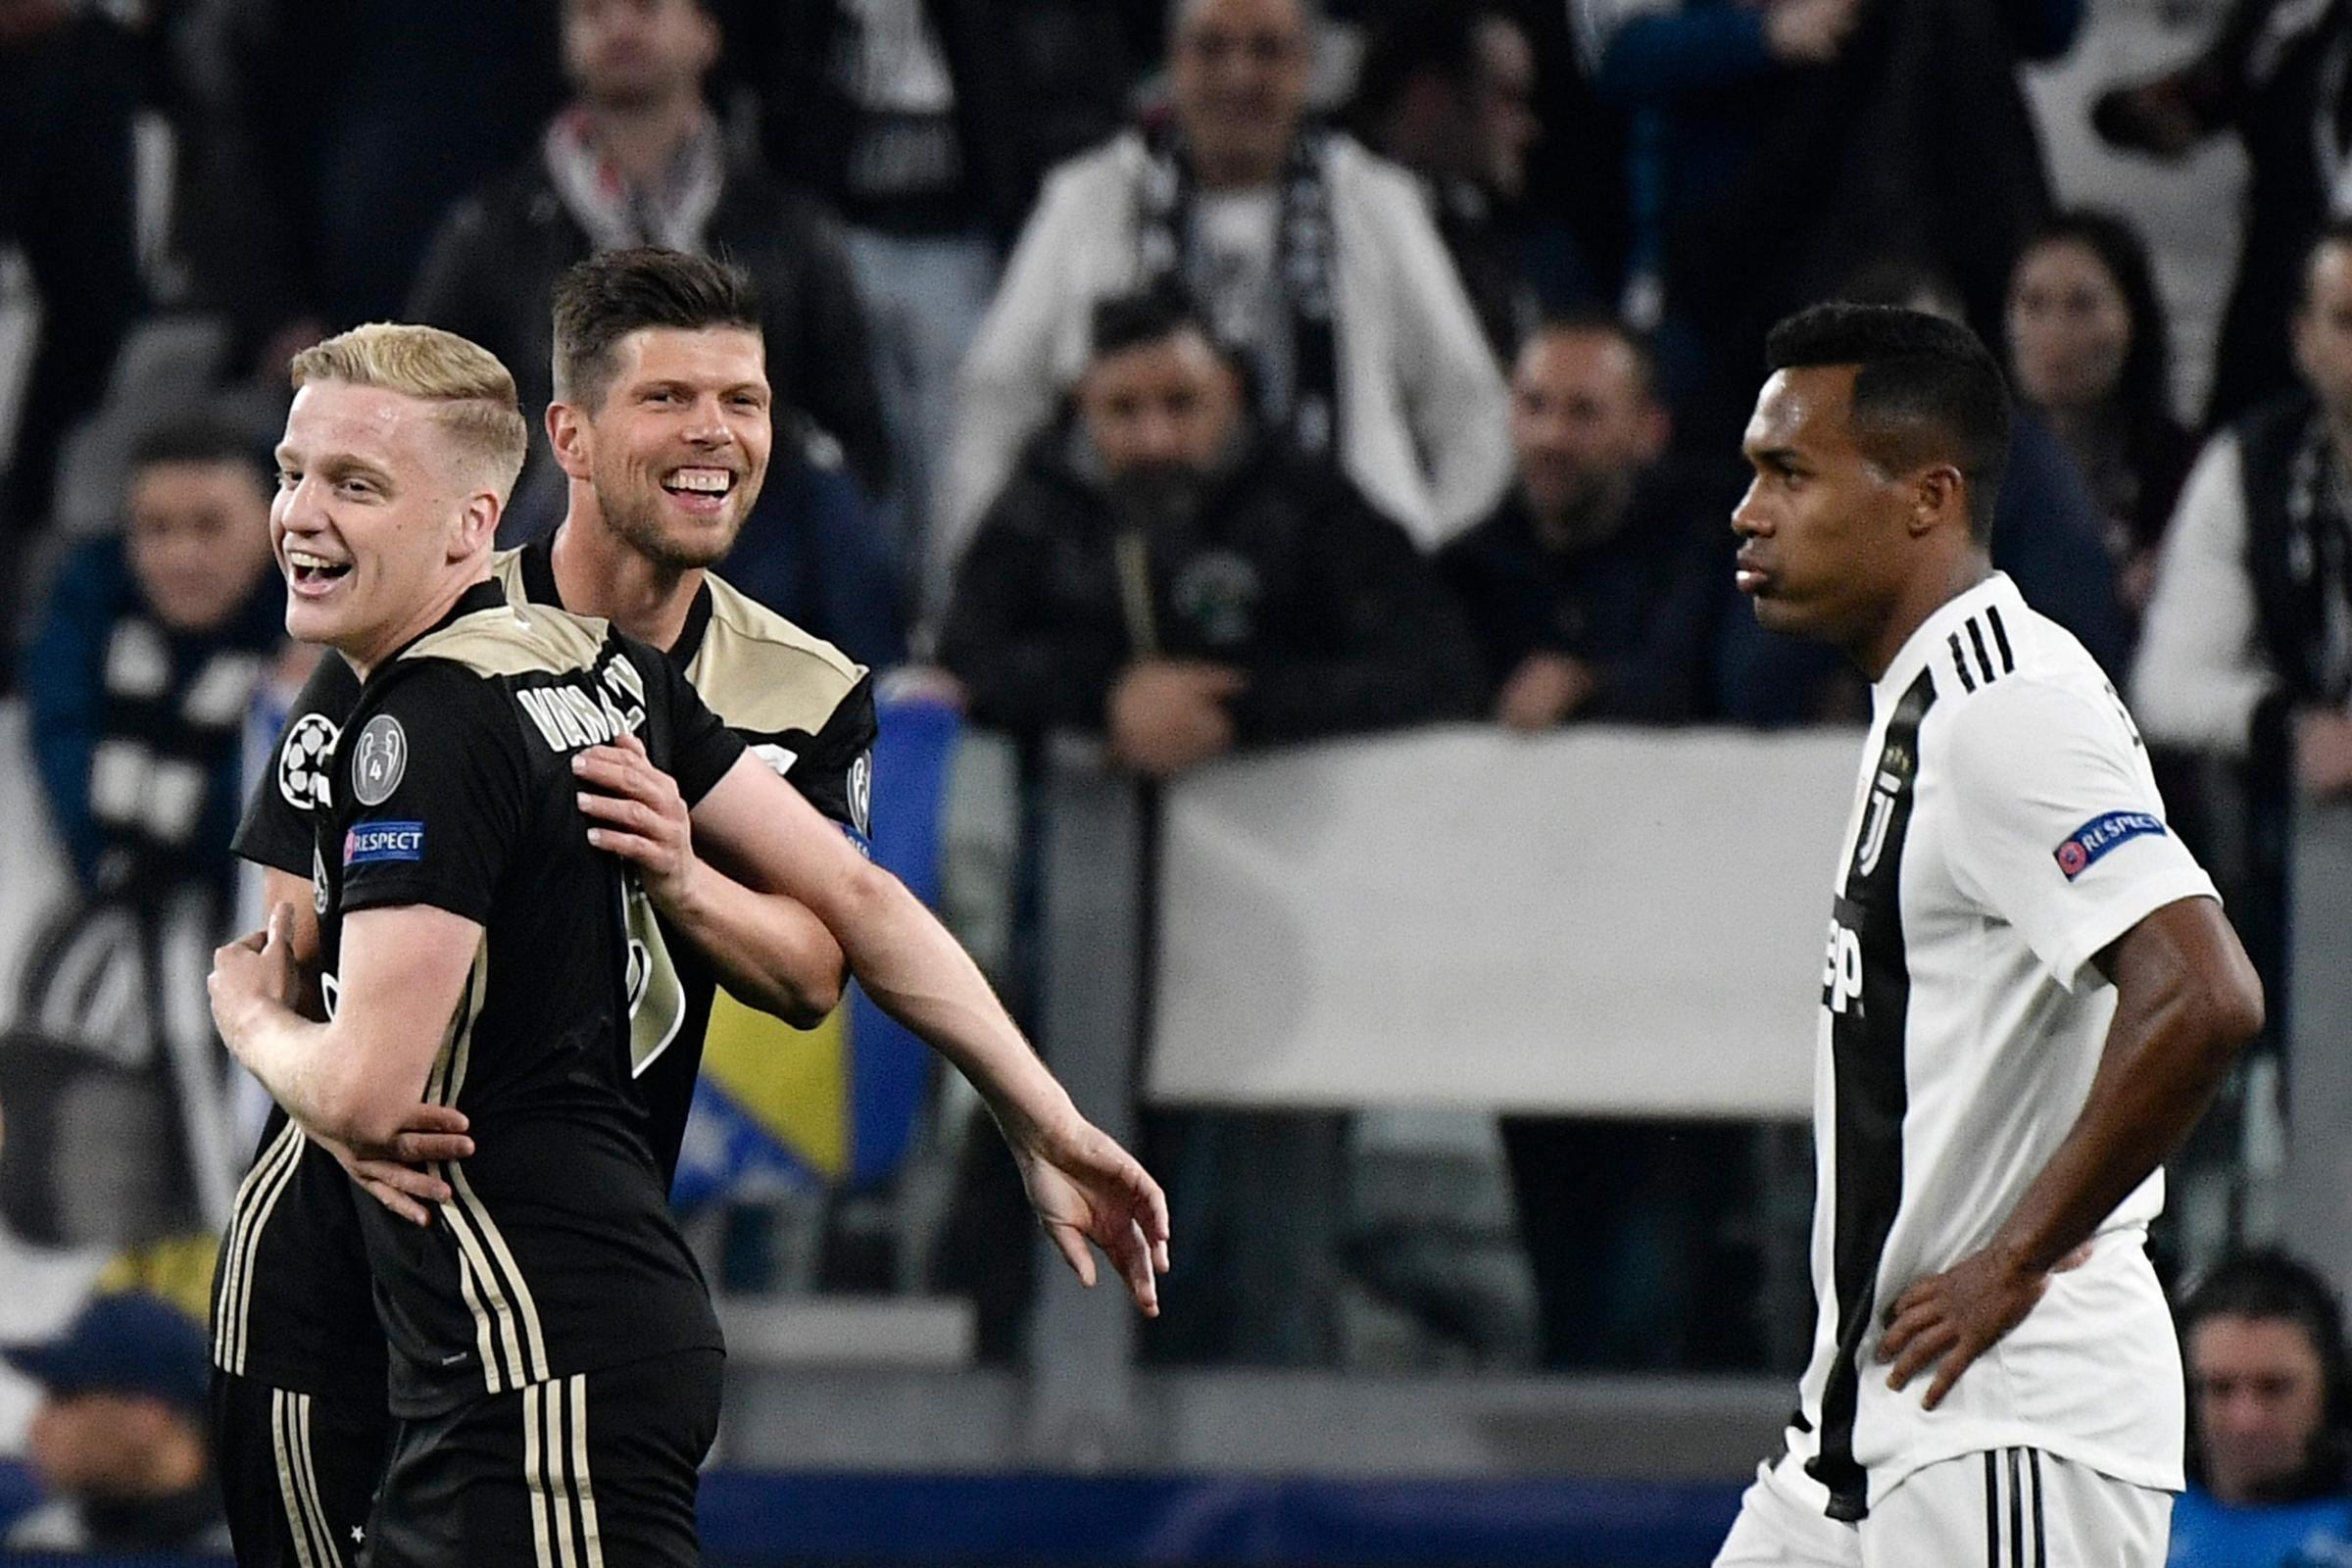 edd184cb4f Avvio Già La Juve Crolla Anche. Posted on 2019-05-18 by Noemi Fiore. La  sconfitta della Juventus contro l'Aiax in Champions League travolge i  bianconeri ...